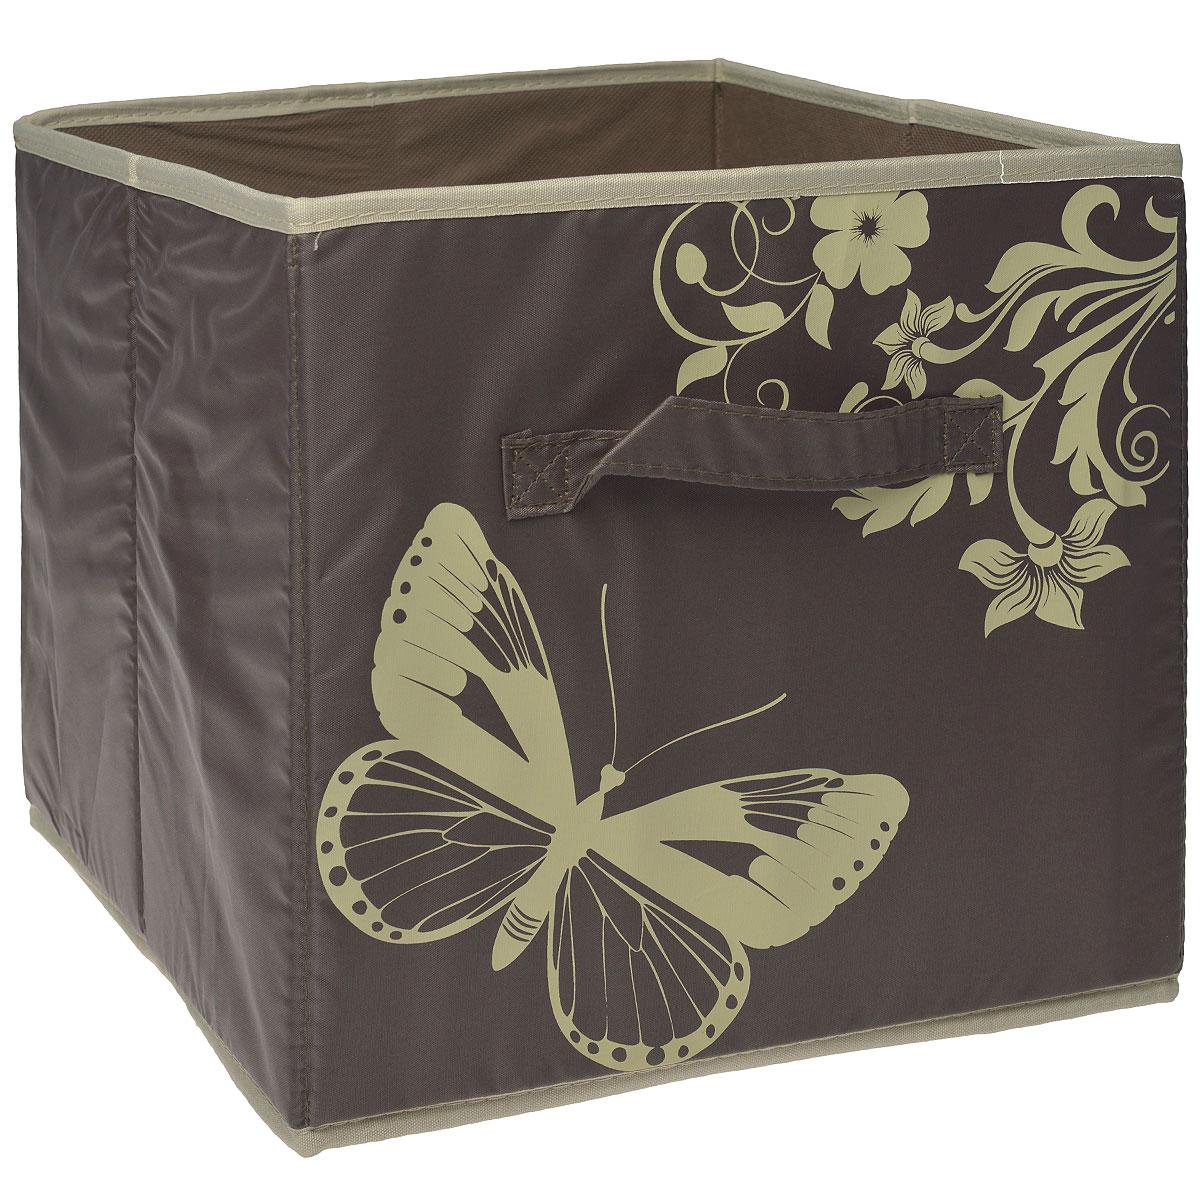 """Ящик для хранения """"Hausmann"""" выполнен из высококачественного нетканого волокна и полиэстера и декорирован изображением бабочек. Во внутрь стенок вставлен плотный картон, благодаря которому ящик сохраняет свою форму. Особая конструкция позволяет при необходимости быстро сложить или разложить ящик. Такой ящик сэкономит место и сохранит порядок в доме. Материал: нетканое волокно, полиэстер, картон."""